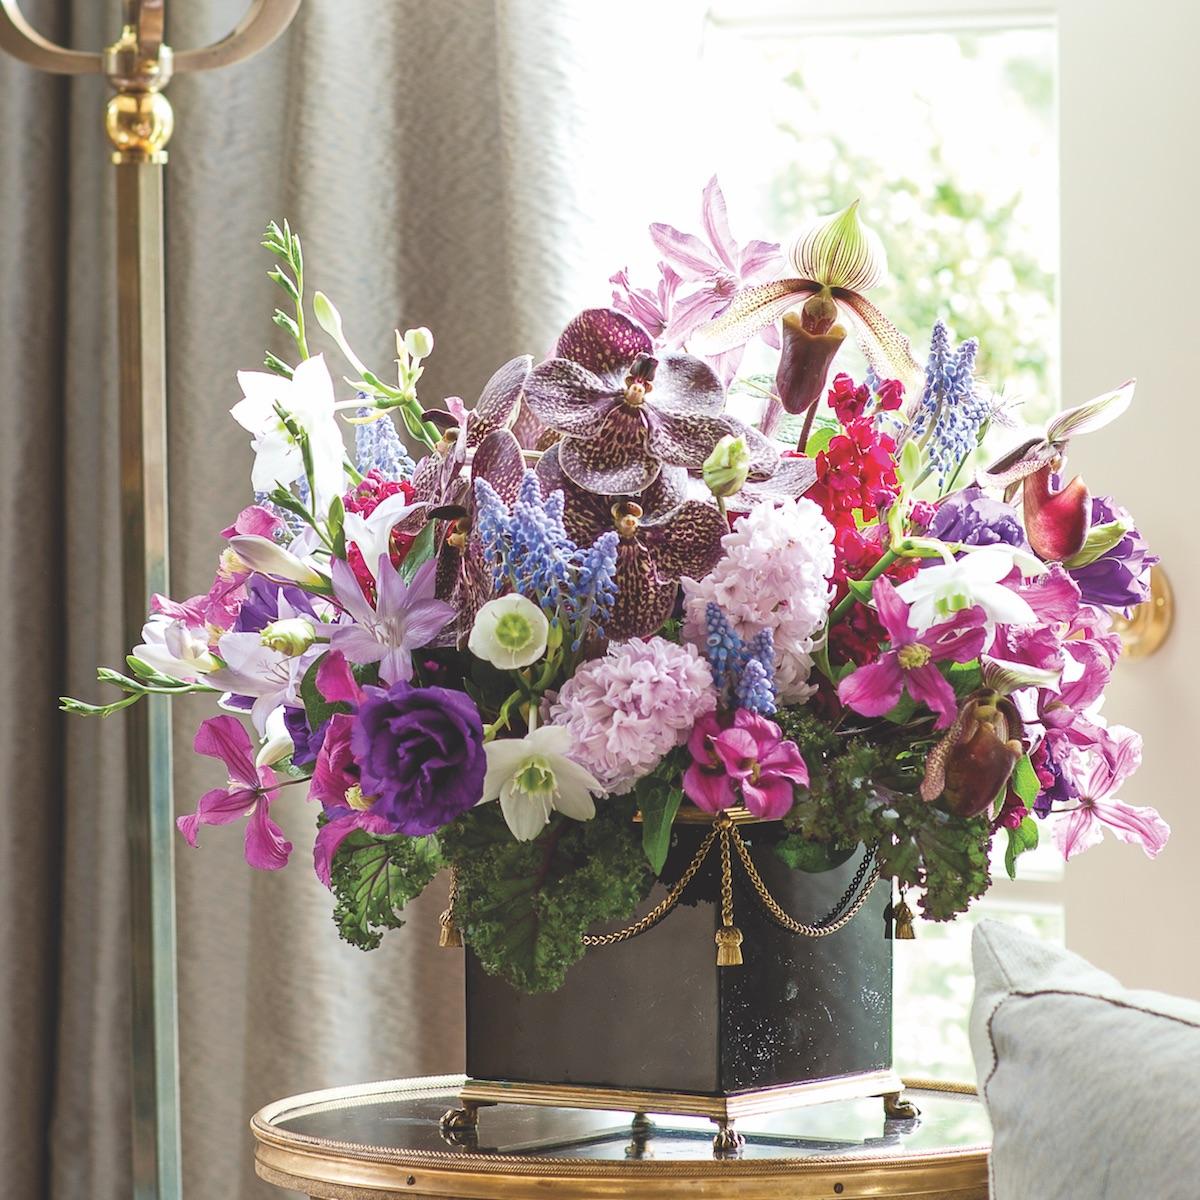 Michal evans artistic arrangements flower magazine michal evans arrangements michal evans flower arrangement izmirmasajfo